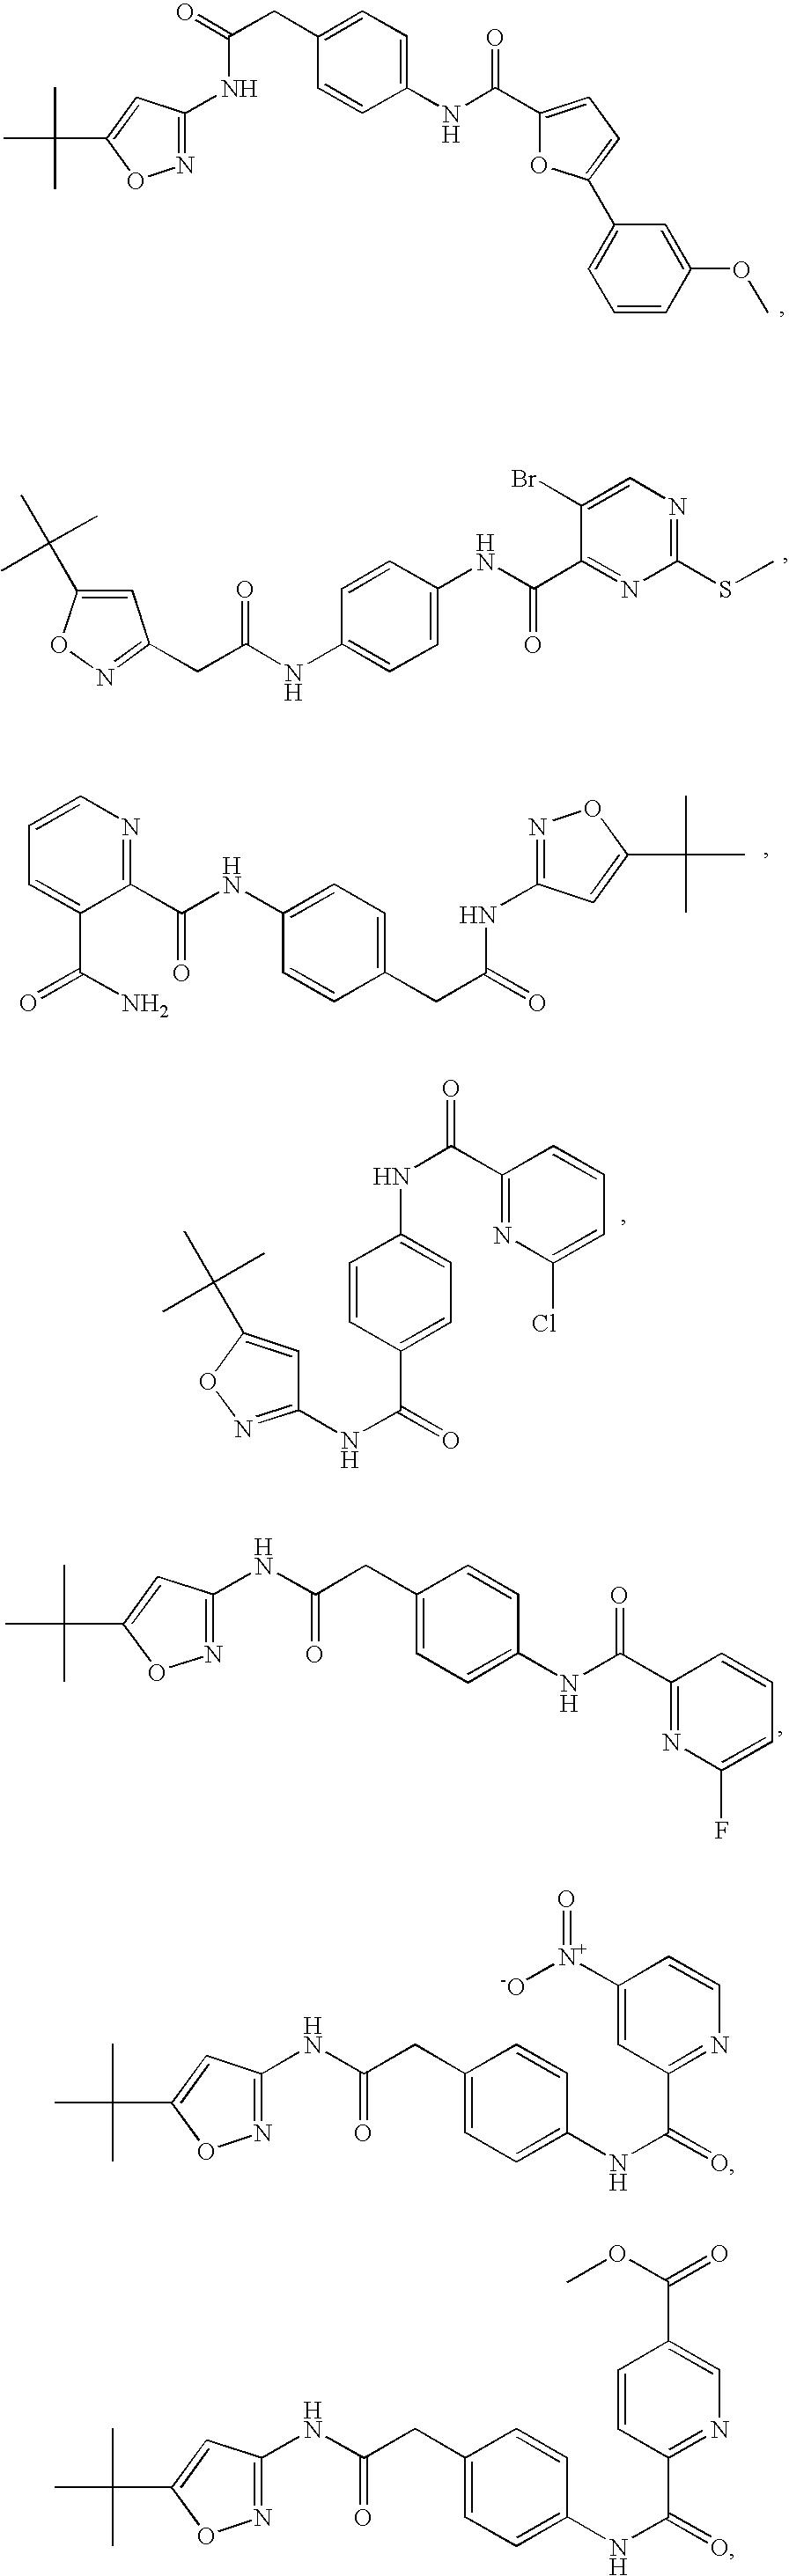 Figure US07767670-20100803-C00382